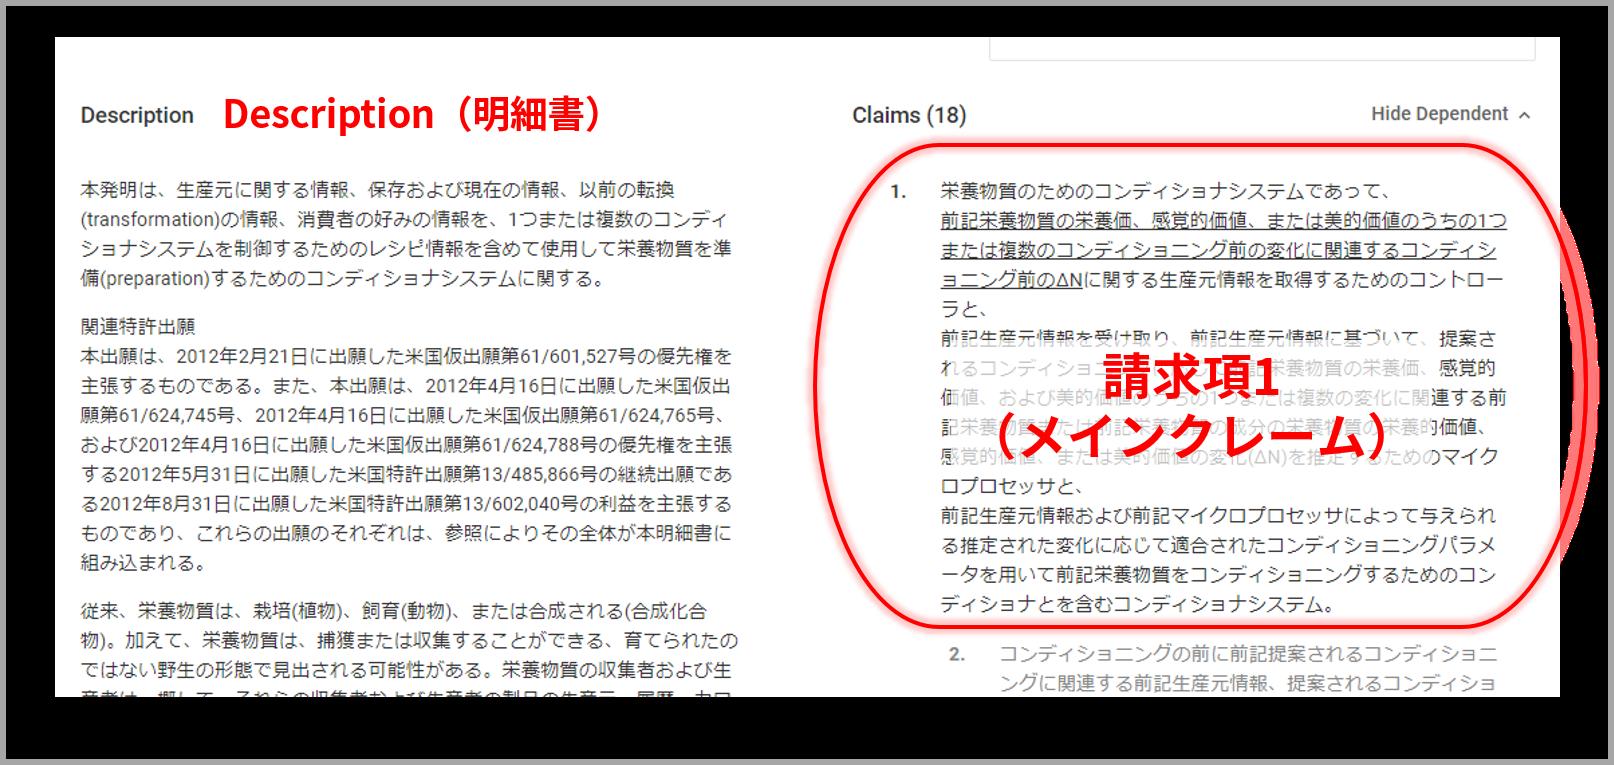 請求項1から特許の概要を効率よく読み取る(GooglePatentsの検索結果に加筆して作成)